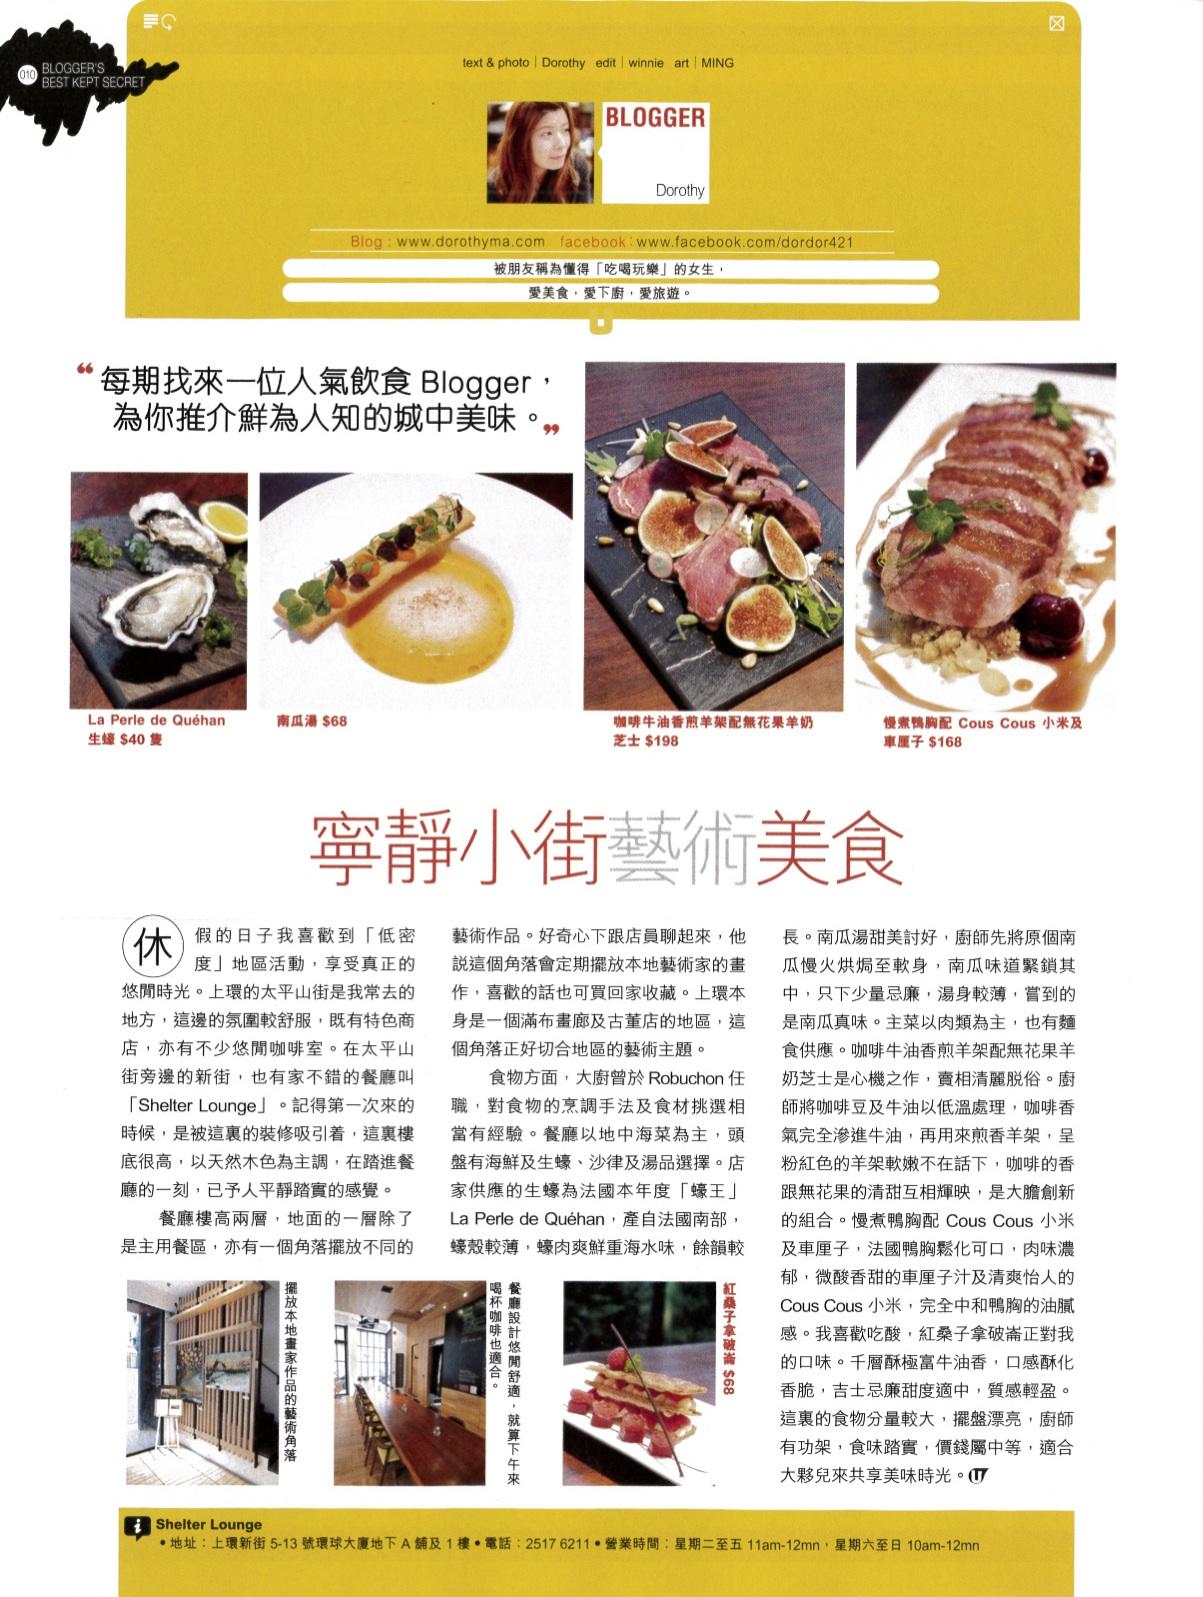 U Magazine Issue 466 Shelter Lounge